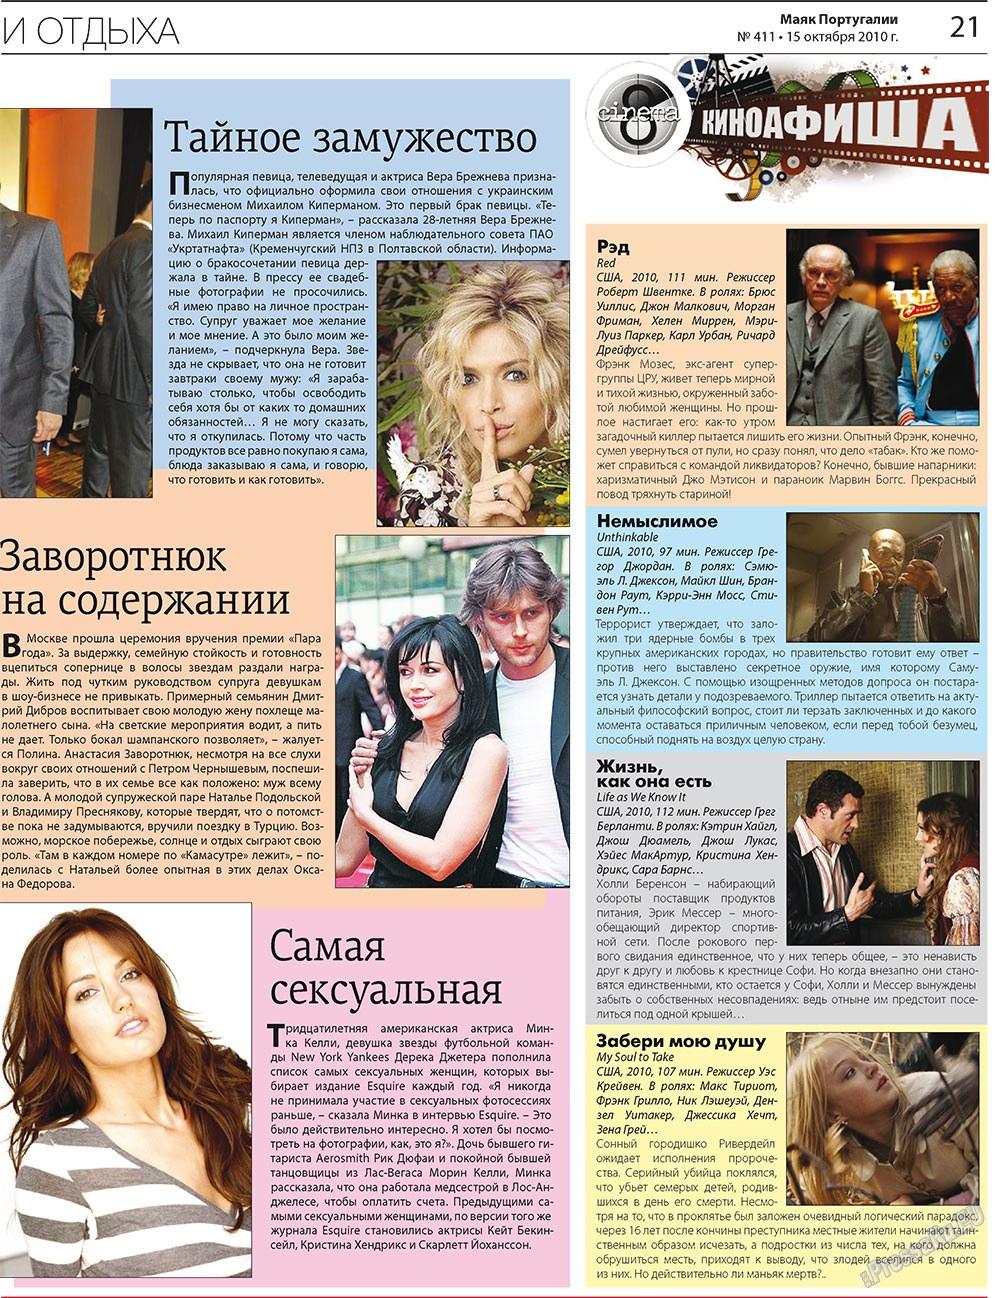 Маяк Португалии (газета). 2010 год, номер 411, стр. 21